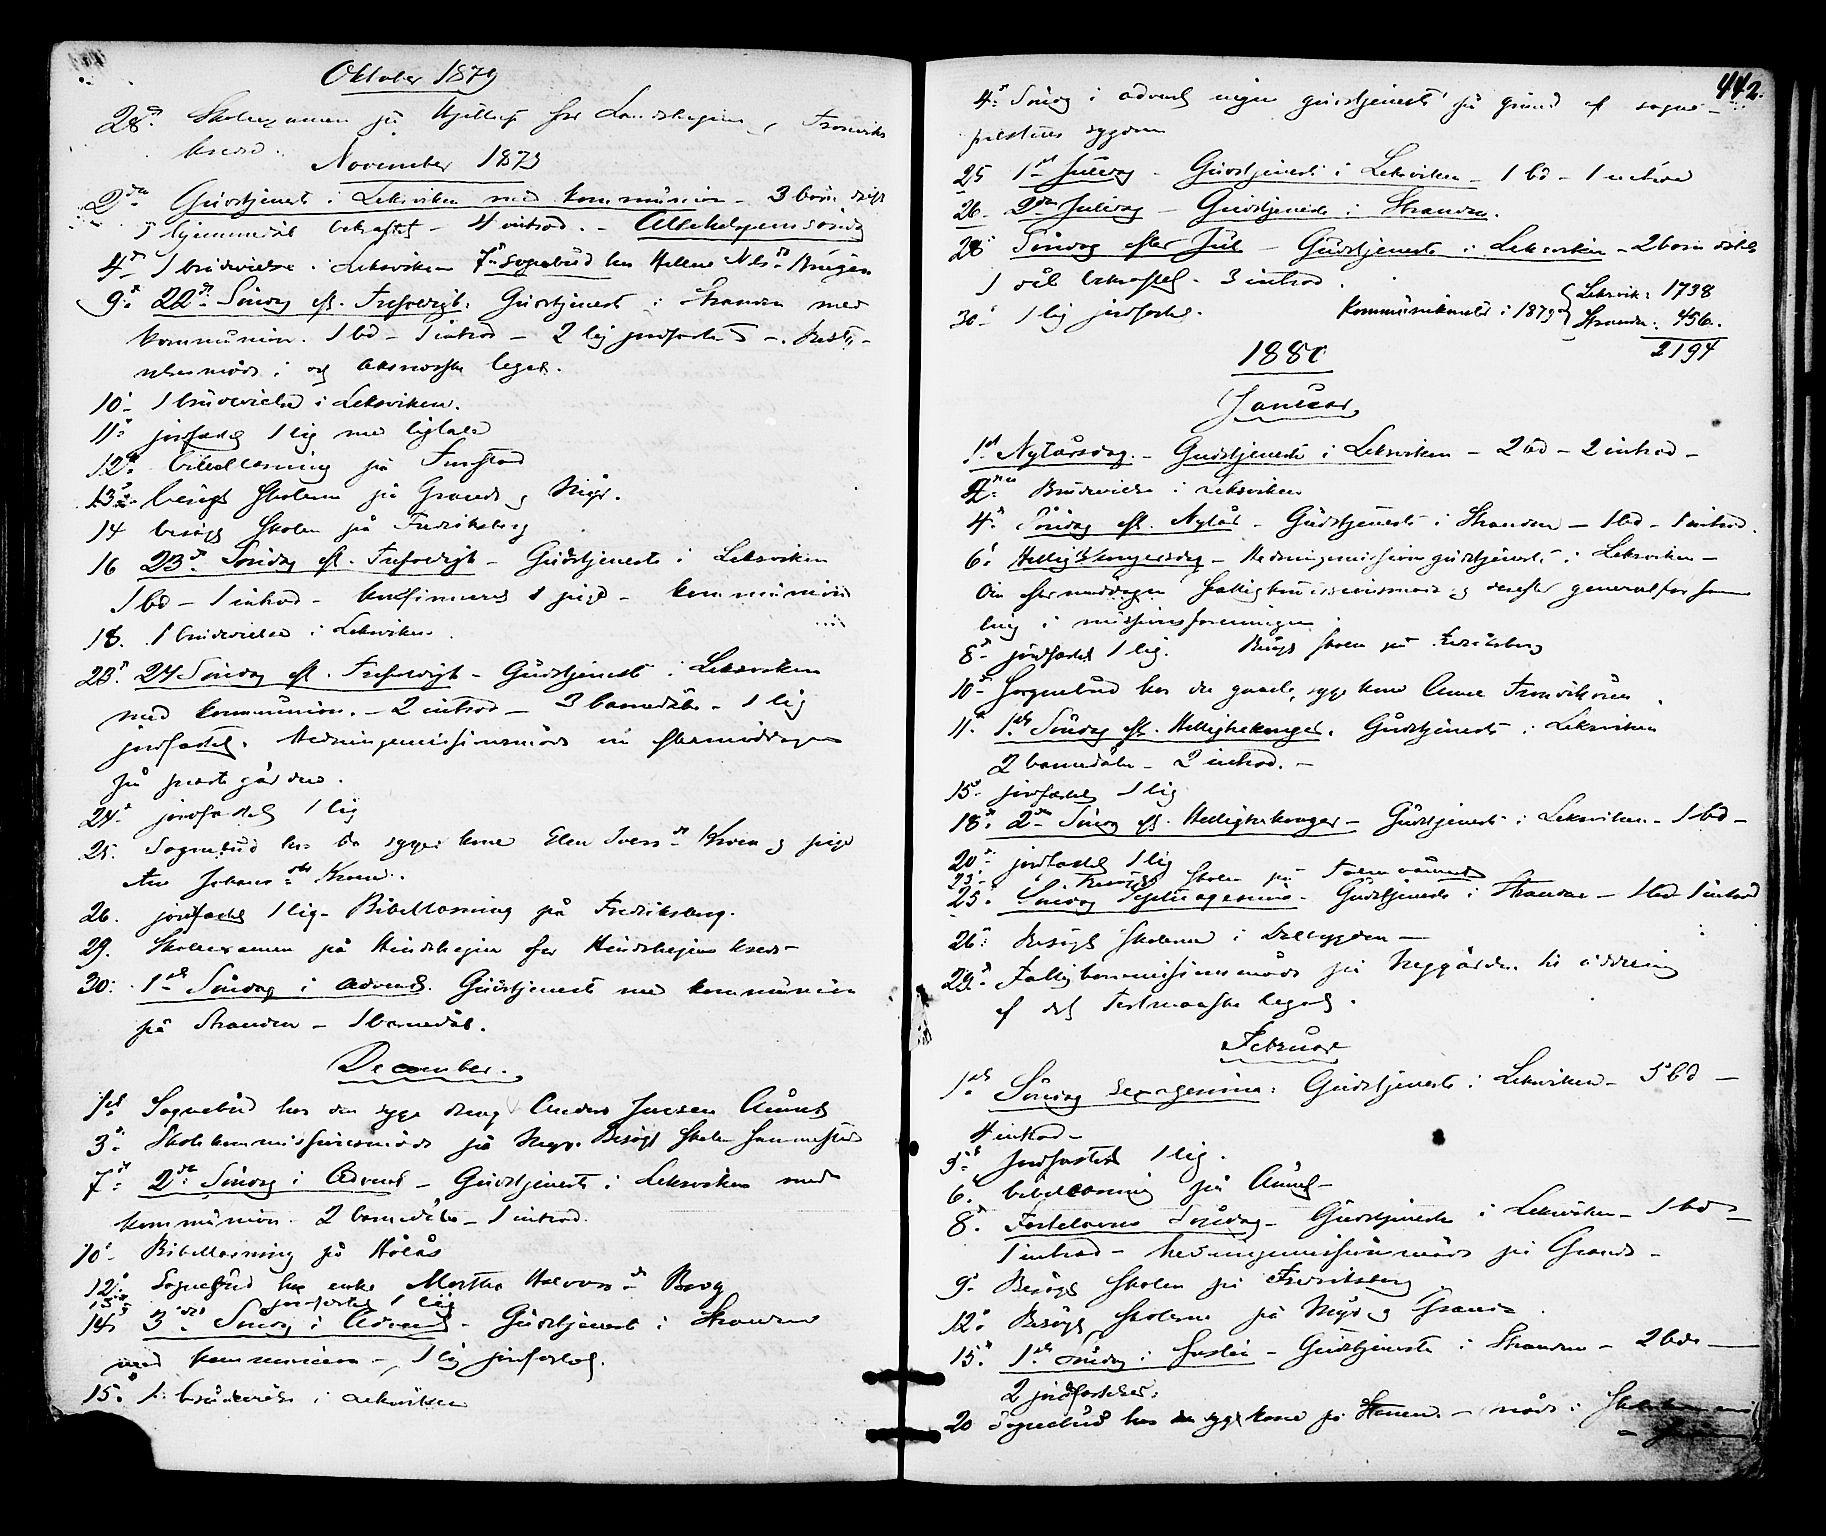 SAT, Ministerialprotokoller, klokkerbøker og fødselsregistre - Nord-Trøndelag, 701/L0009: Ministerialbok nr. 701A09 /1, 1864-1882, s. 442